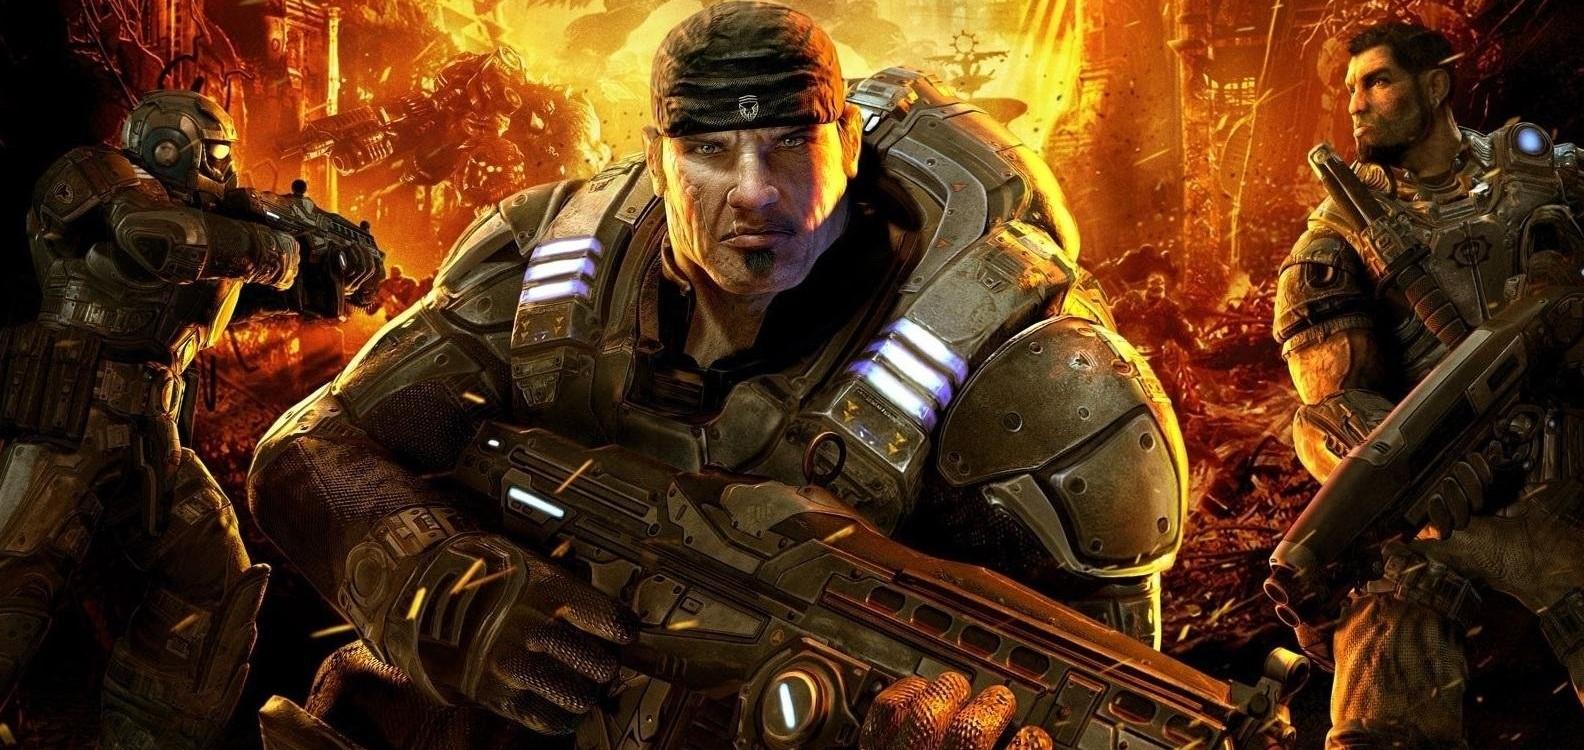 Сценарист «Трёх иксов» поработает над фильмом по Gears of War